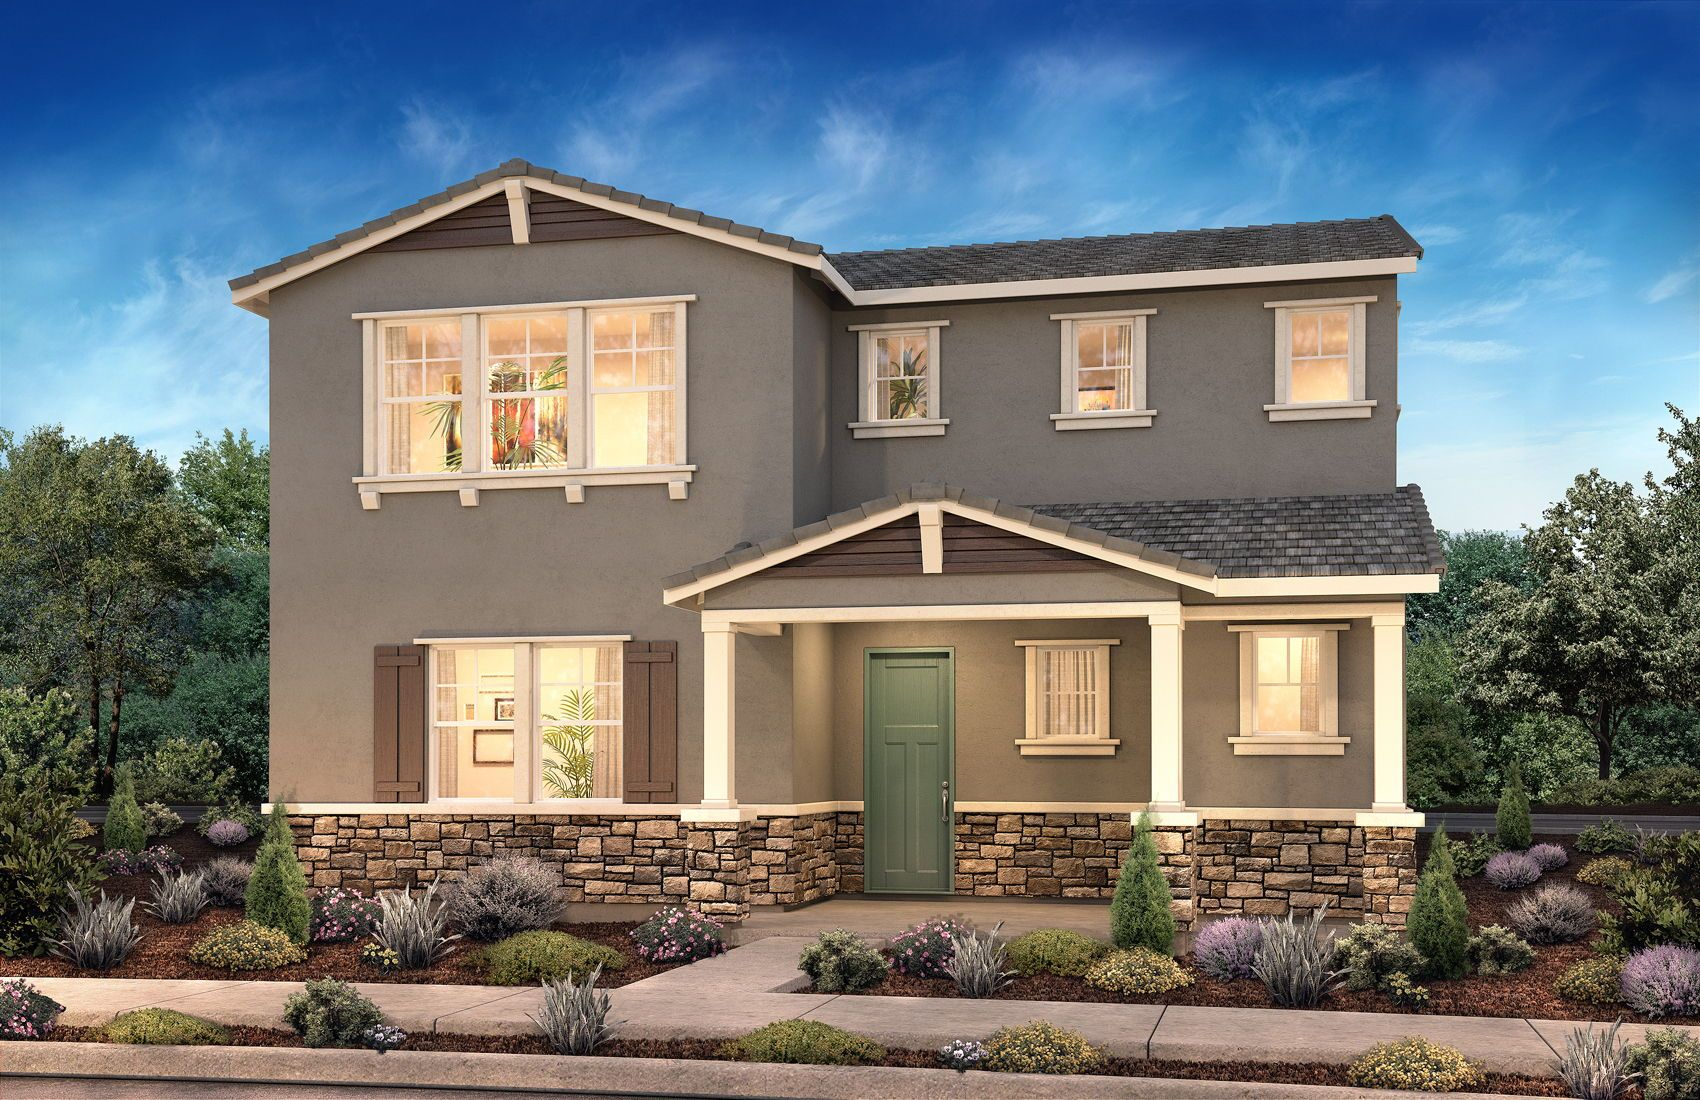 Residence 1 At Prescott New Neighborhood In Mountain House